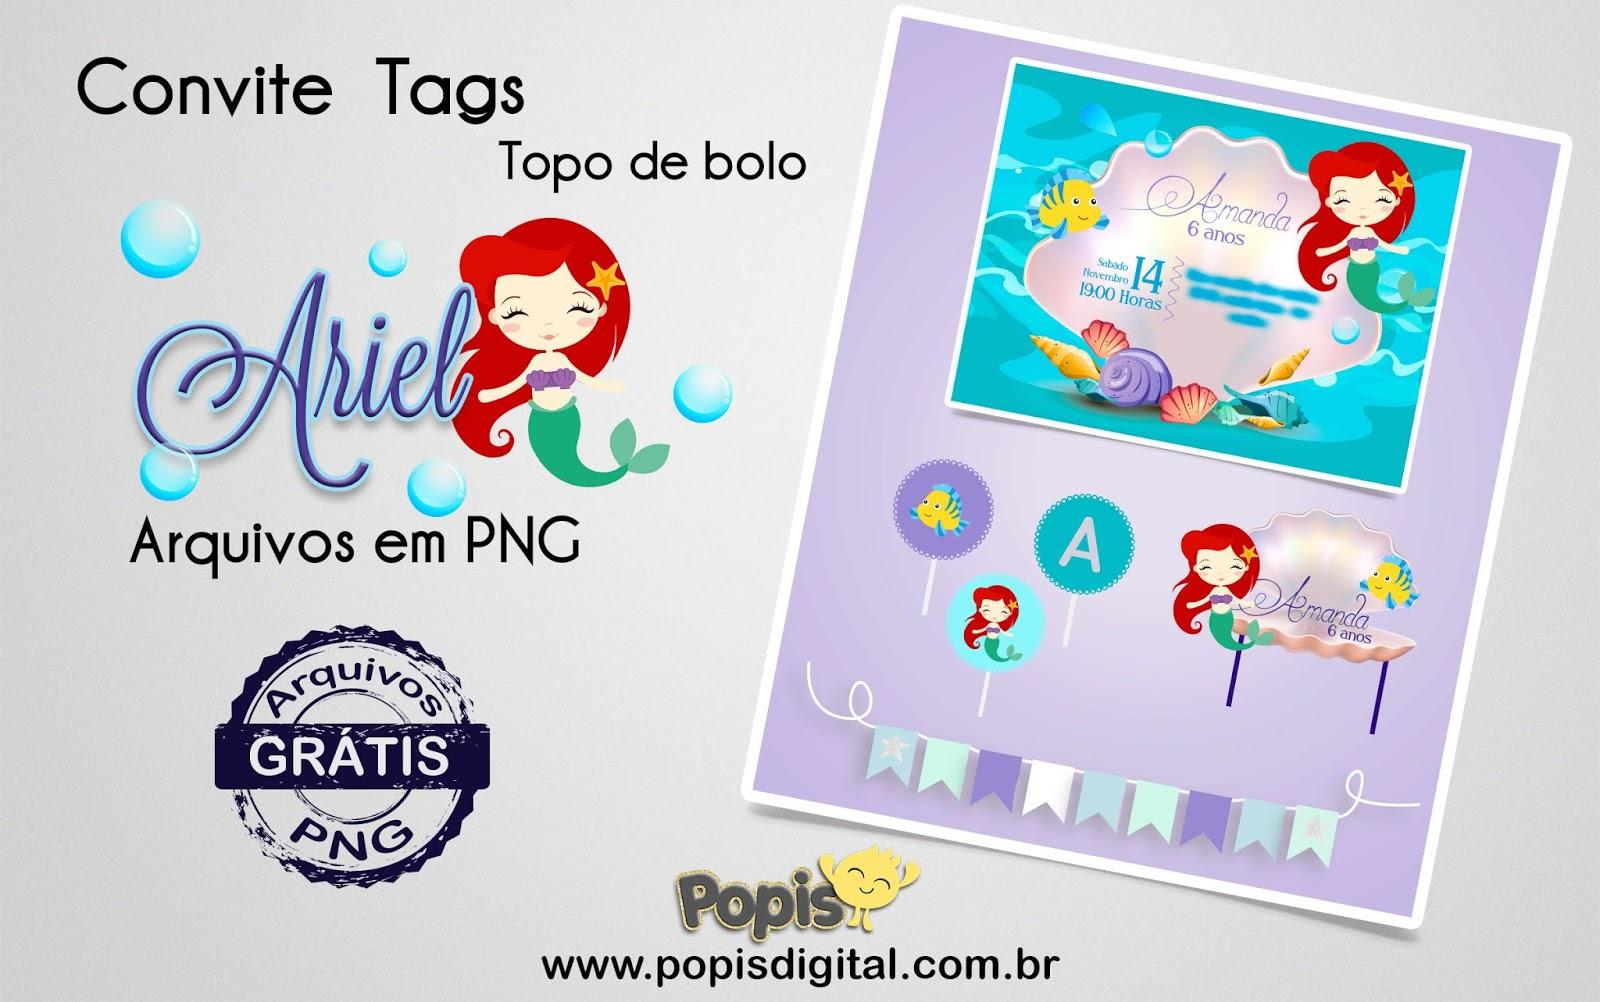 Convites Tags E Topo De Bolo Tema Ariel Totalmente Gratuito